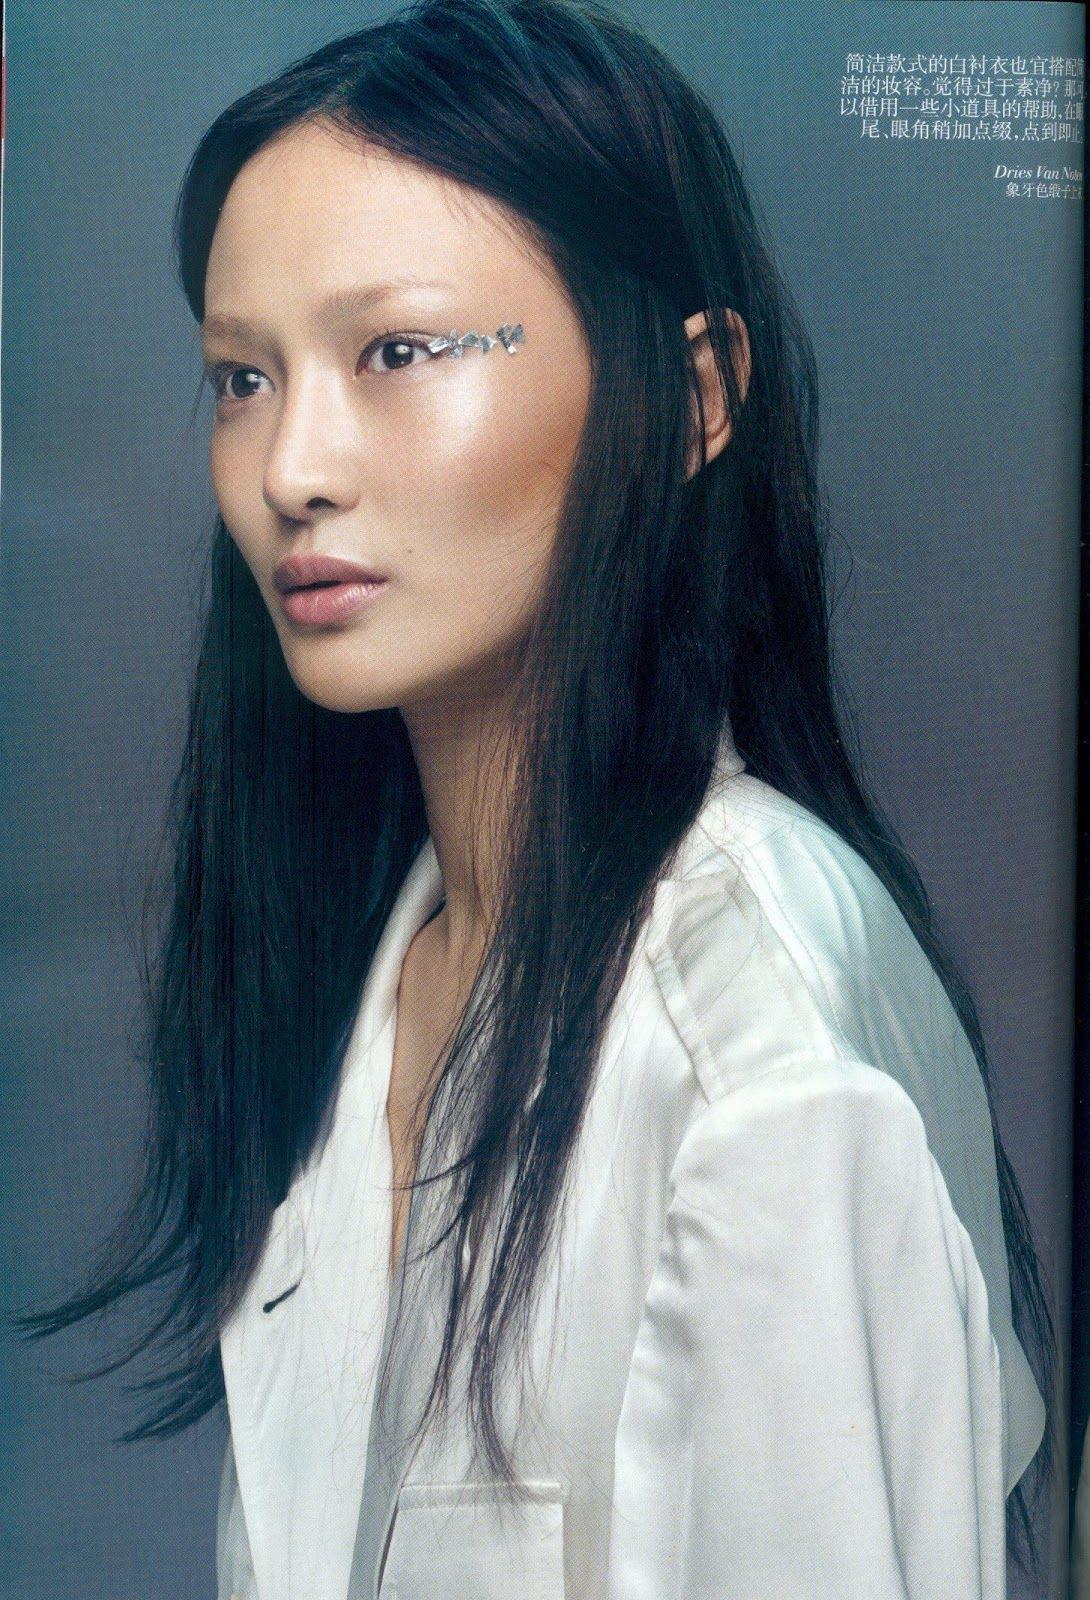 White Shirt Girls  Vogue china Makeup and Short nails